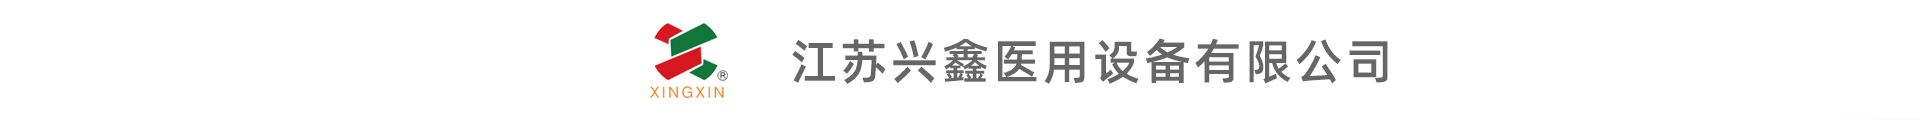 江苏兴鑫医用设备有限公司